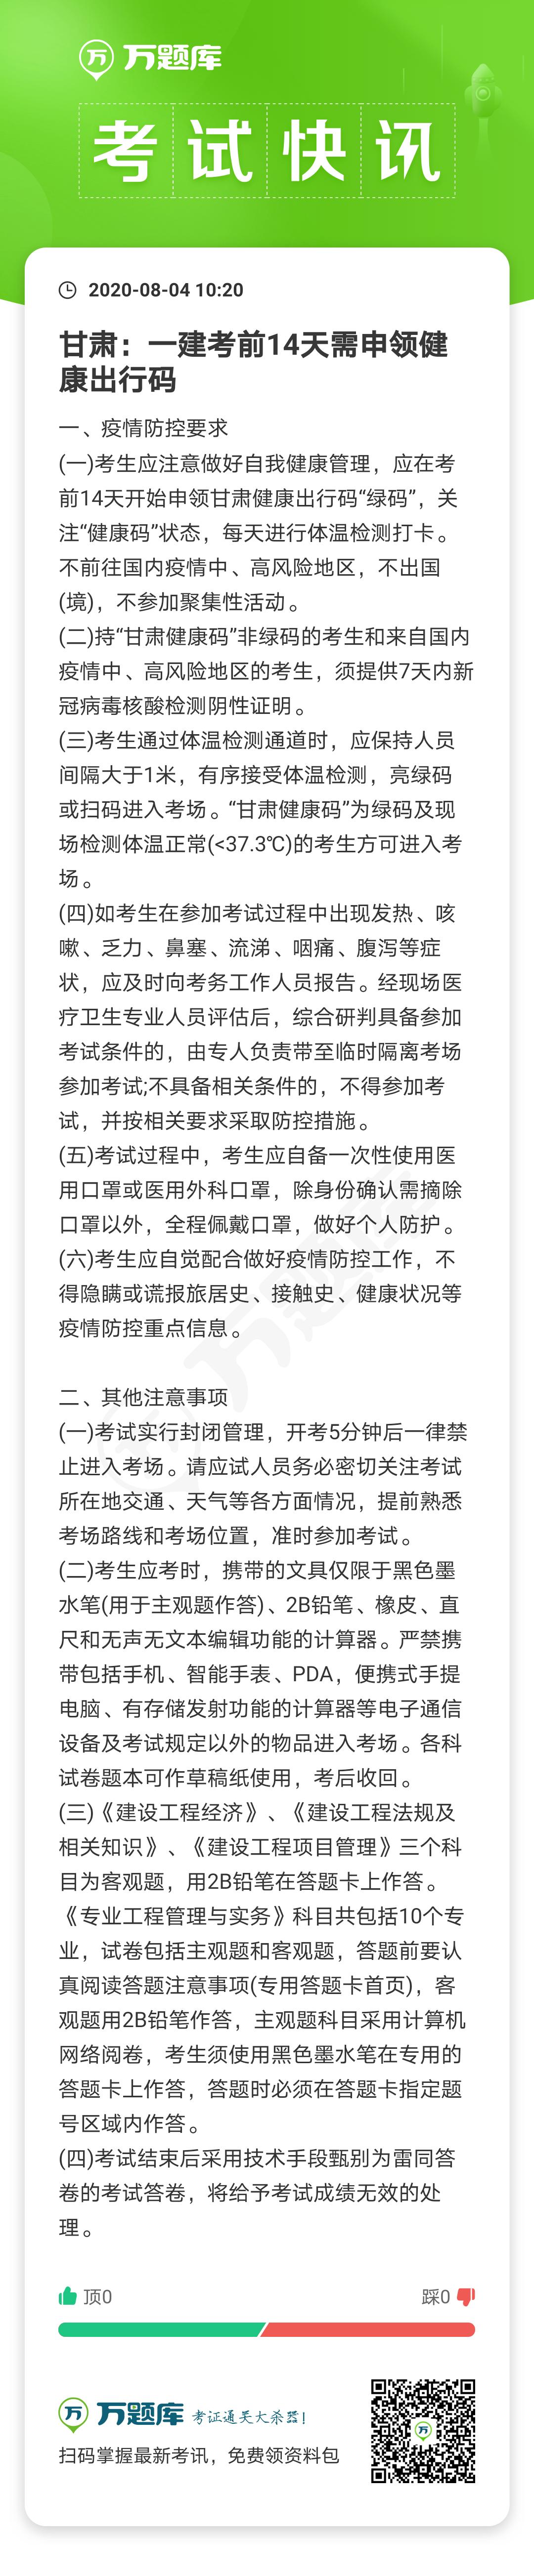 甘肃:2020年一建考前14天需申领健康出行码